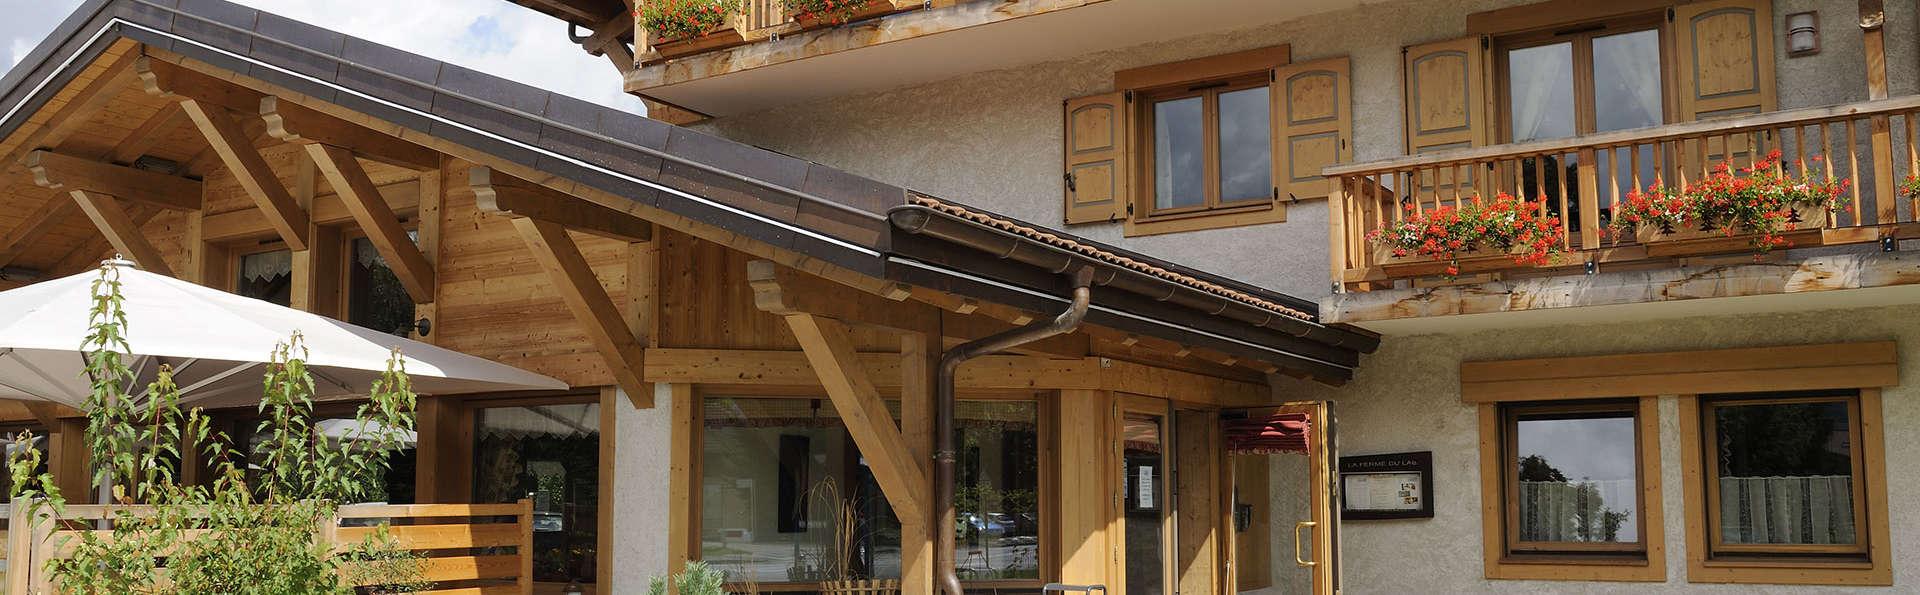 Hôtel La Ferme du Lac - EDIT_front3.jpg